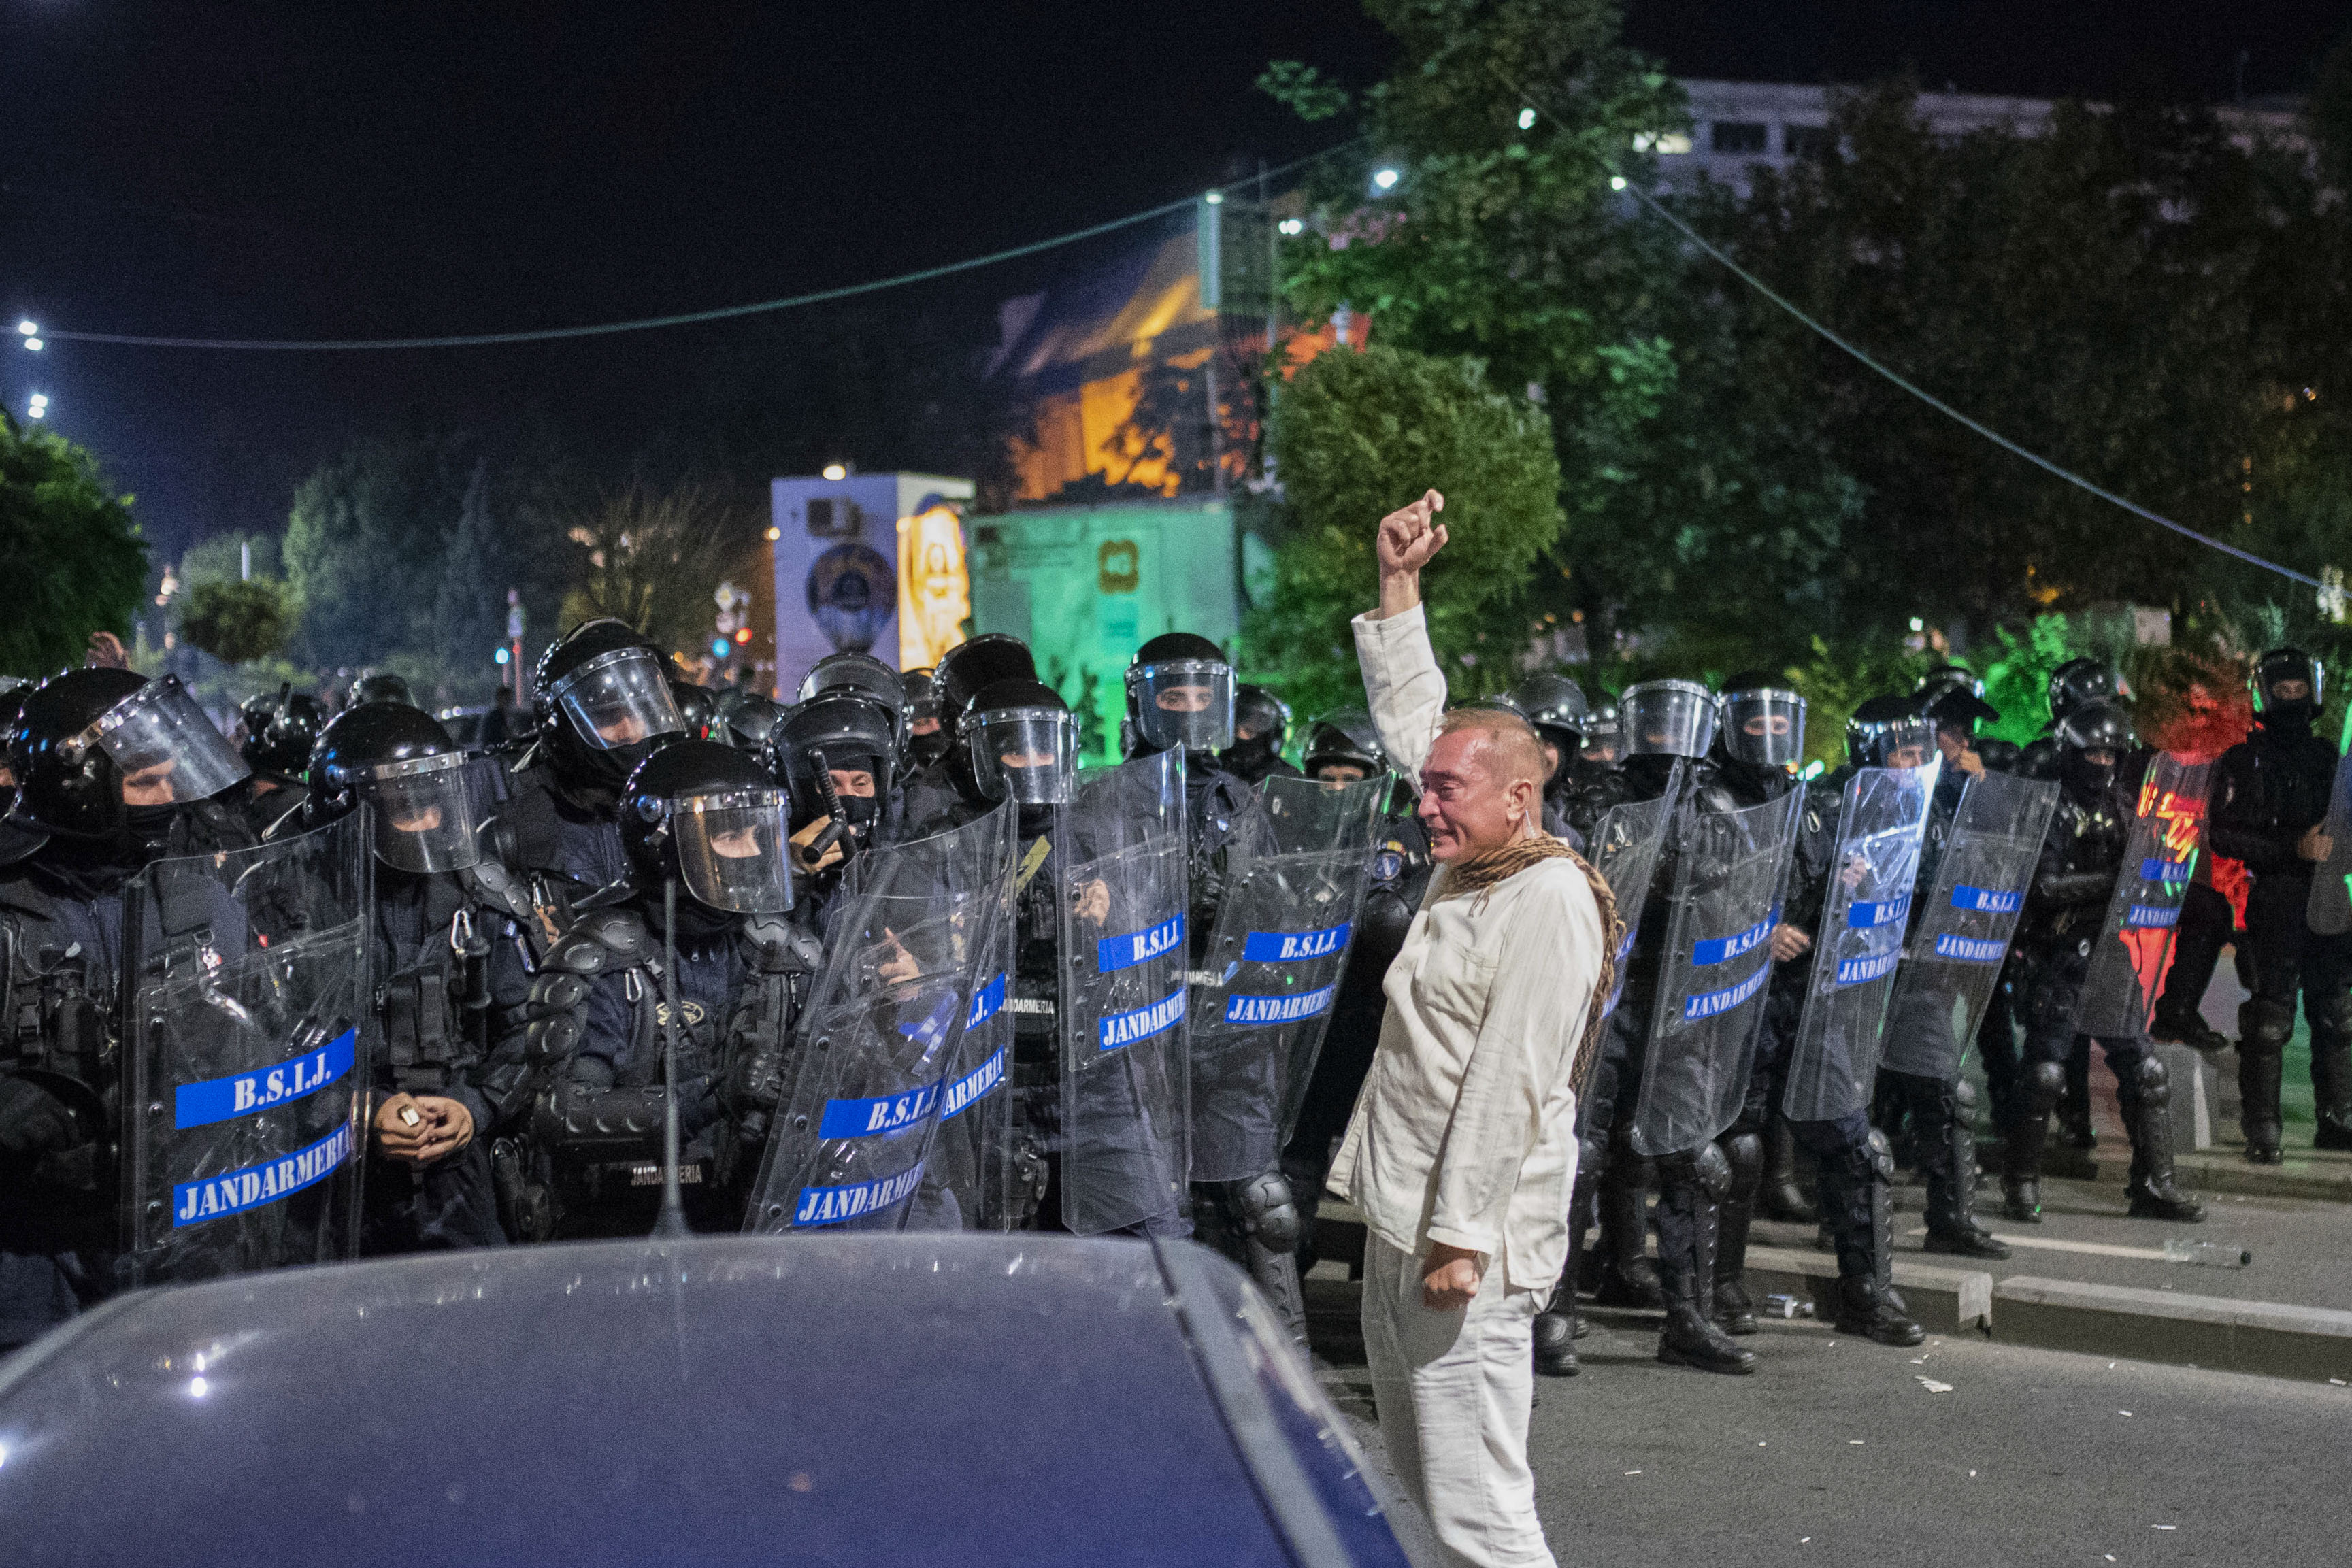 """Cătălin Răzvan Paraschiv, în fața jandarmilor din Brigada Specială de Intervenție, folosind mesaje codate: """"închideți coloana"""" sau"""